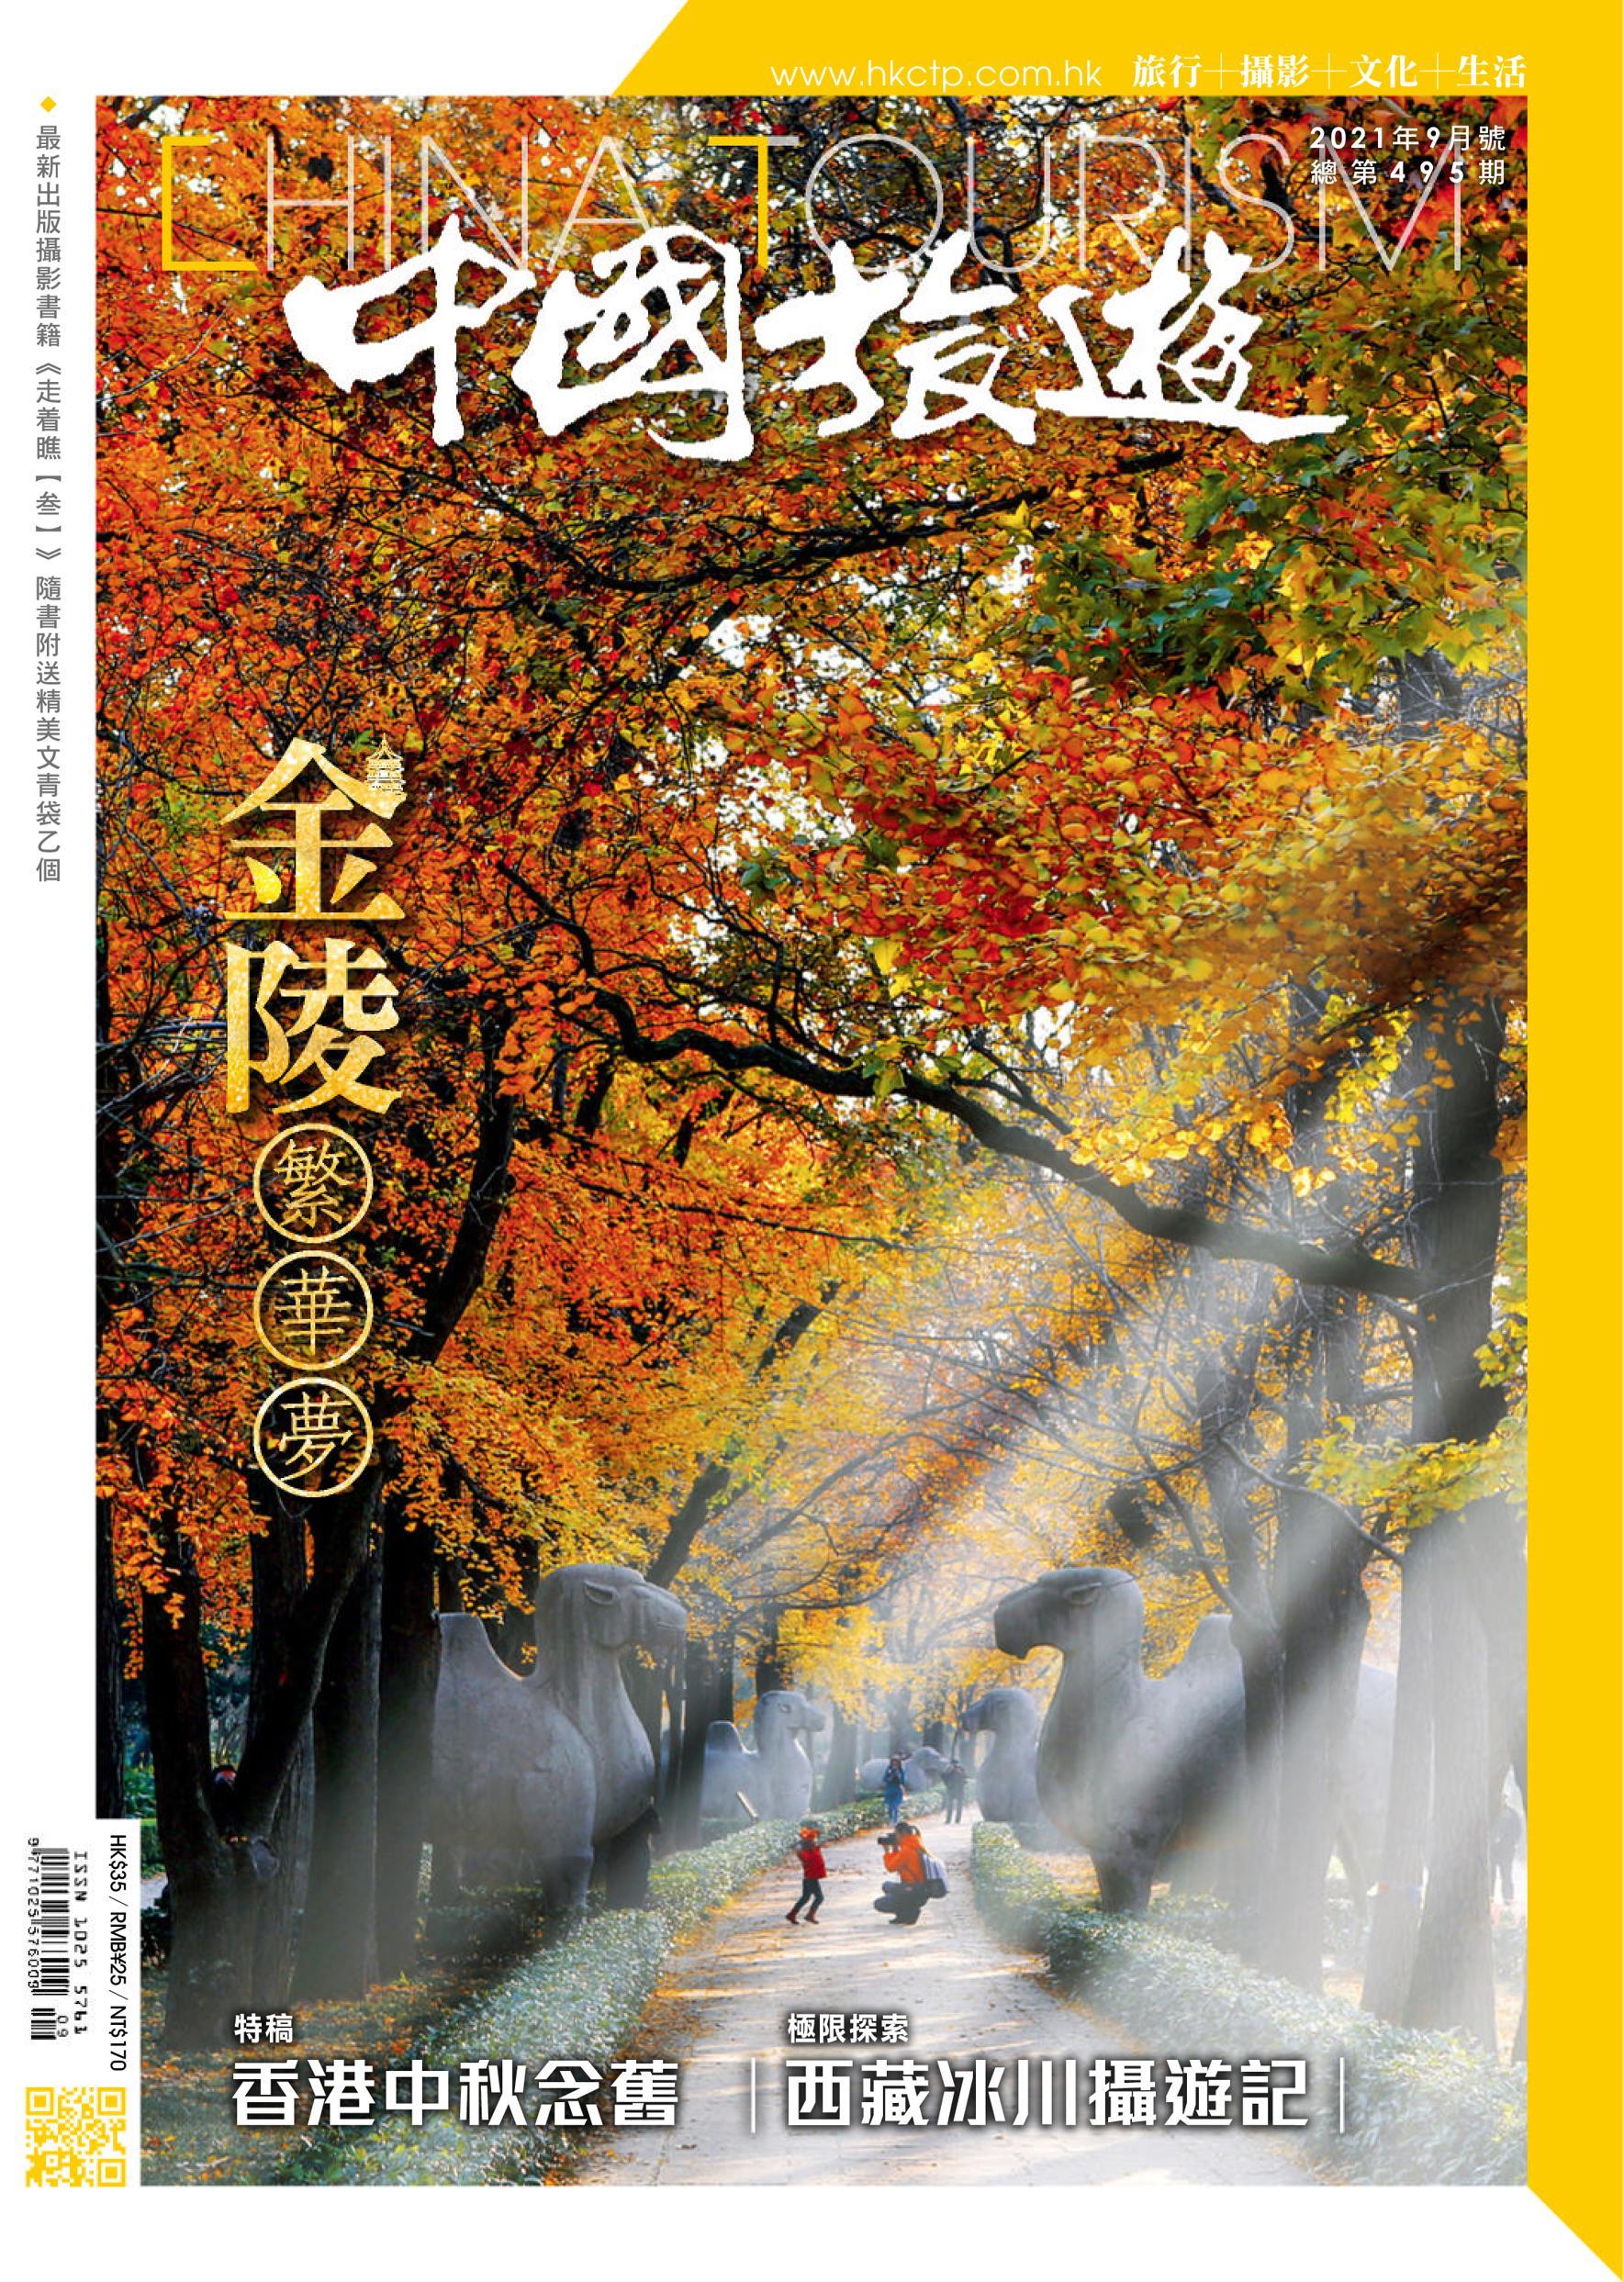 China Tourism 中國旅遊 - 八月 2021